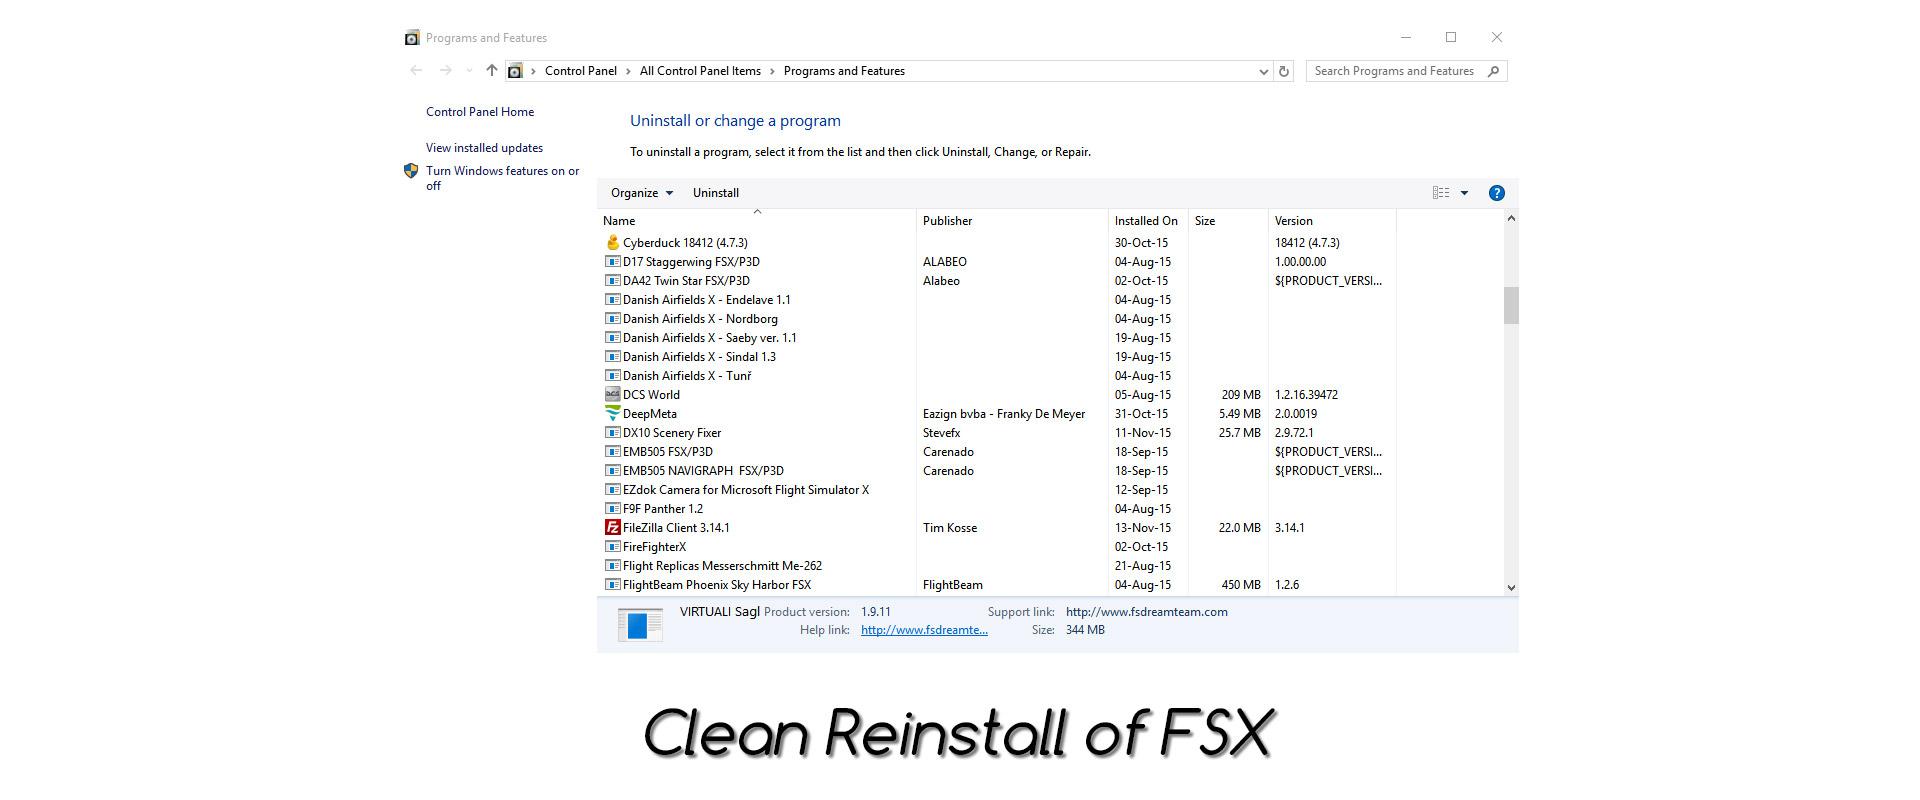 Clean Reinstall of FSX